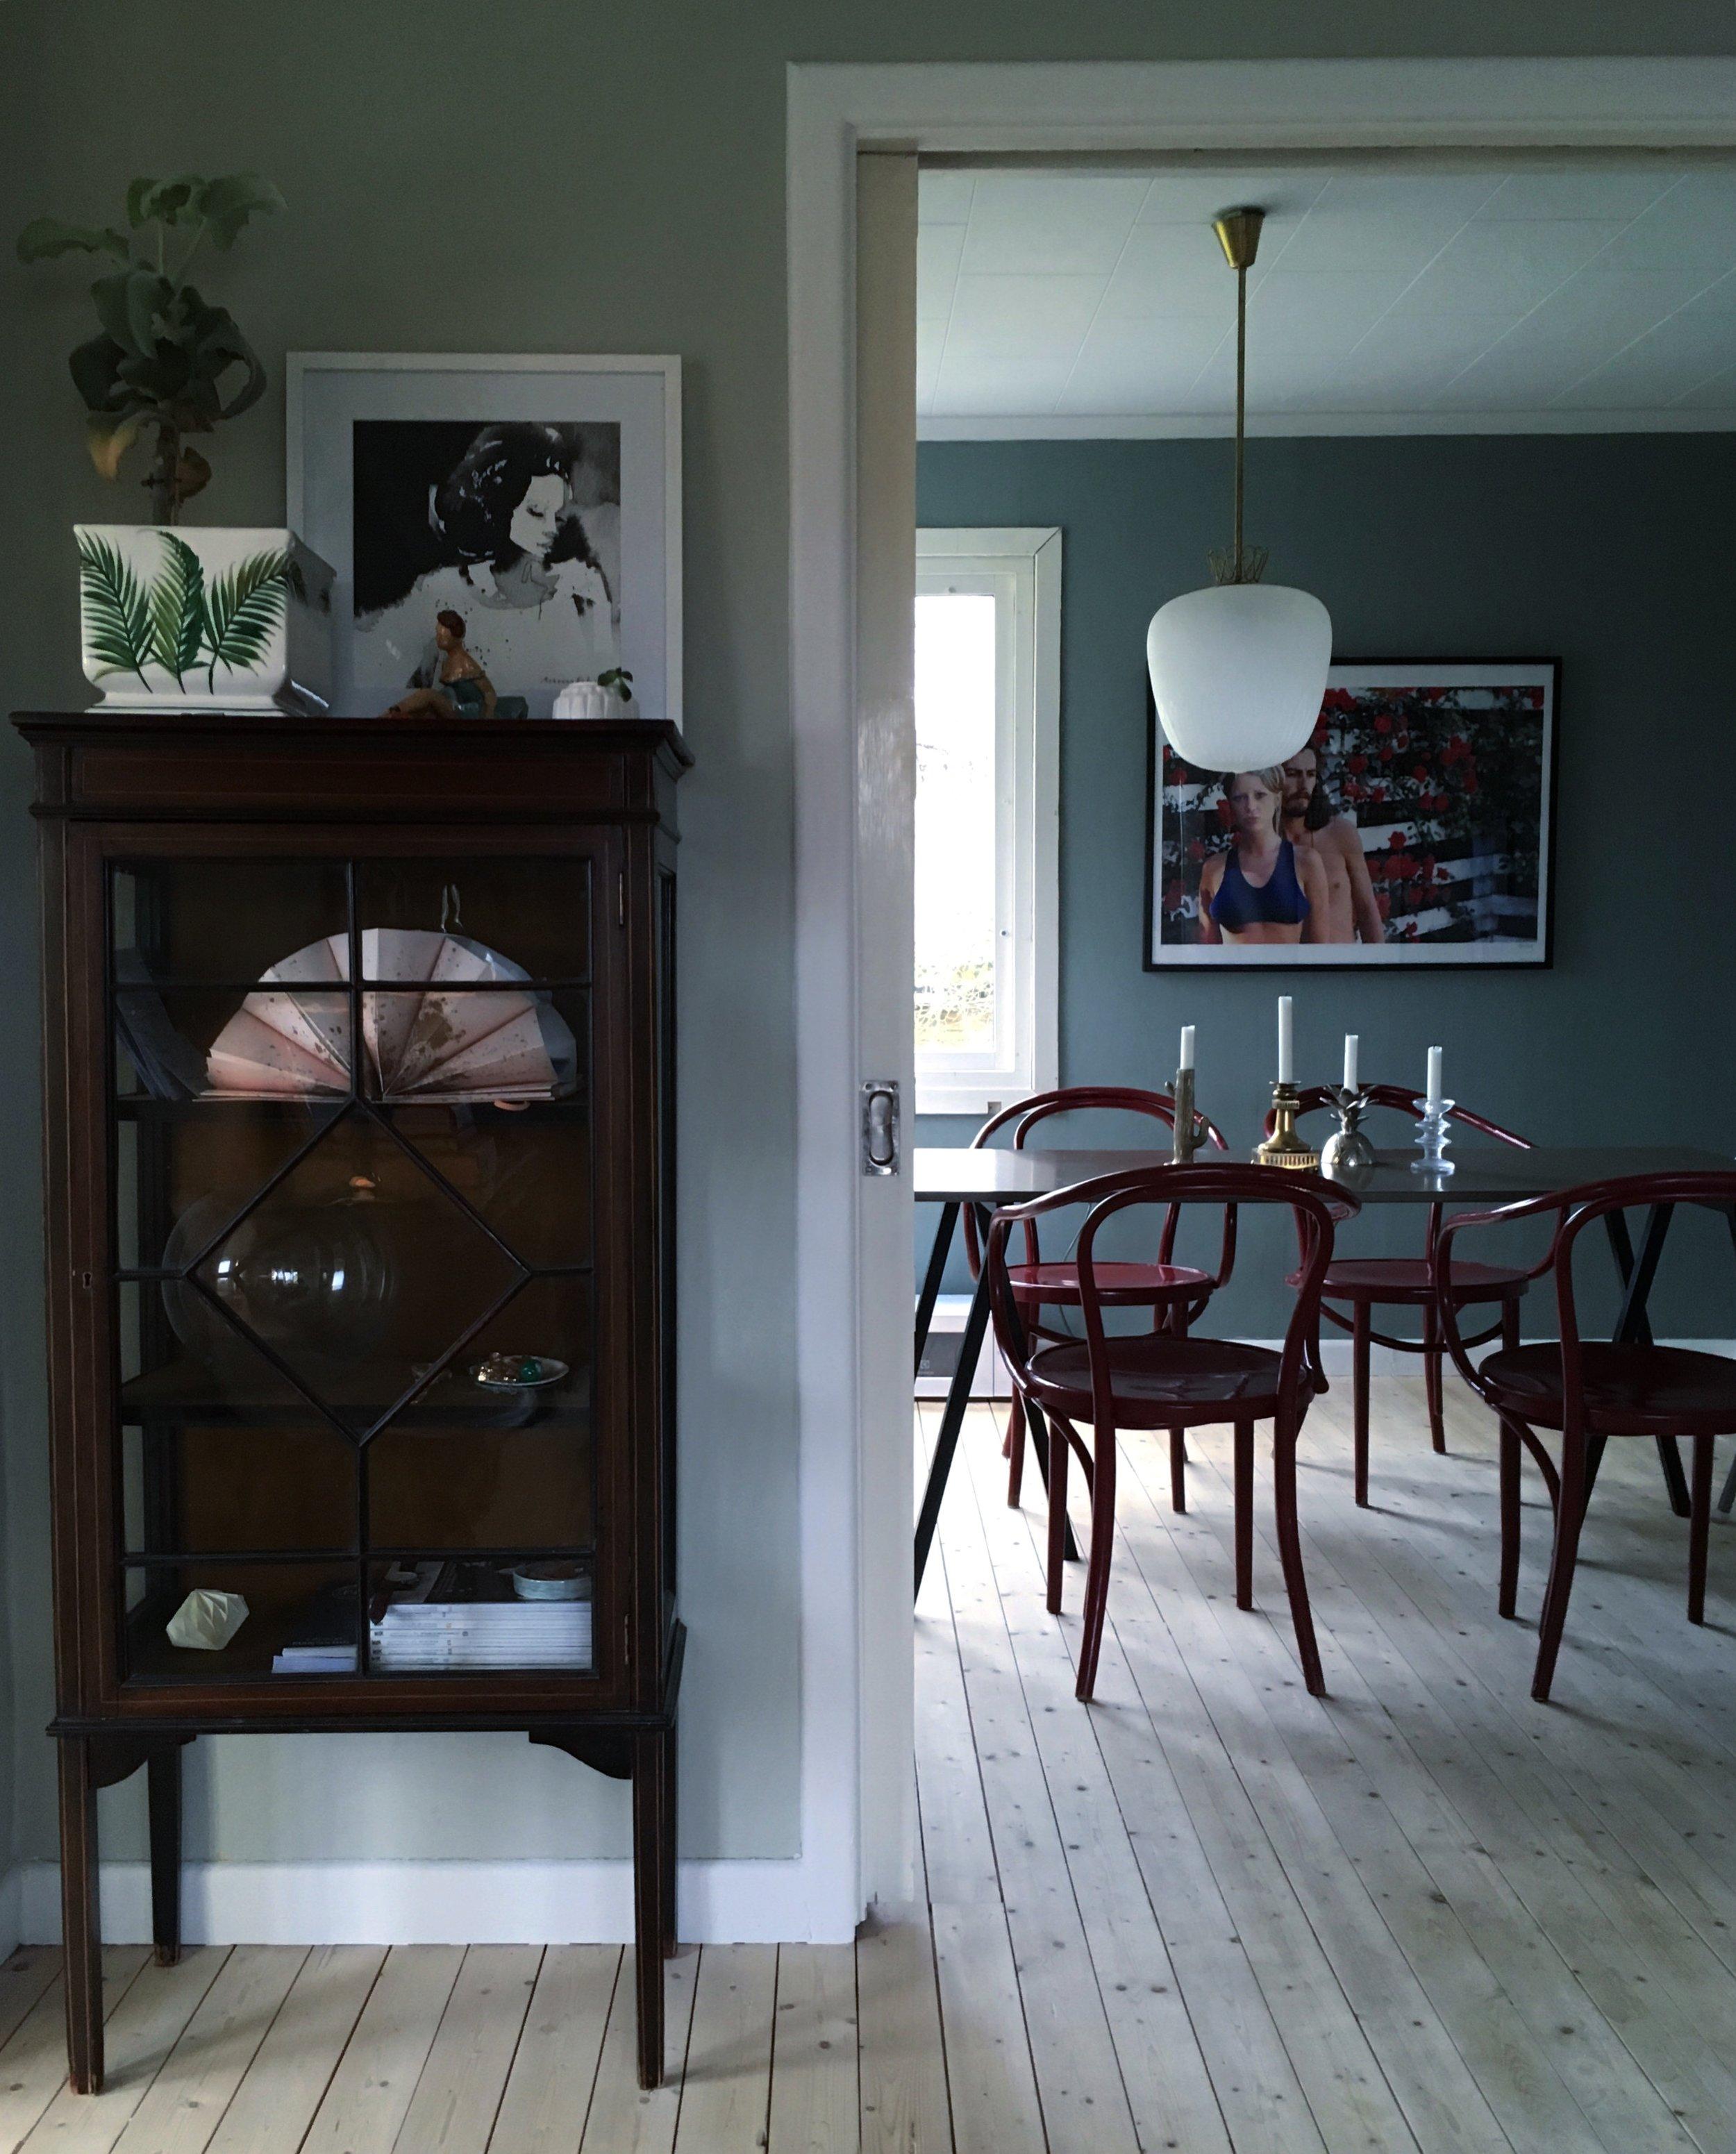 Vackra eklektiska detaljer och dova färgval på väggarna. Helt underbart!